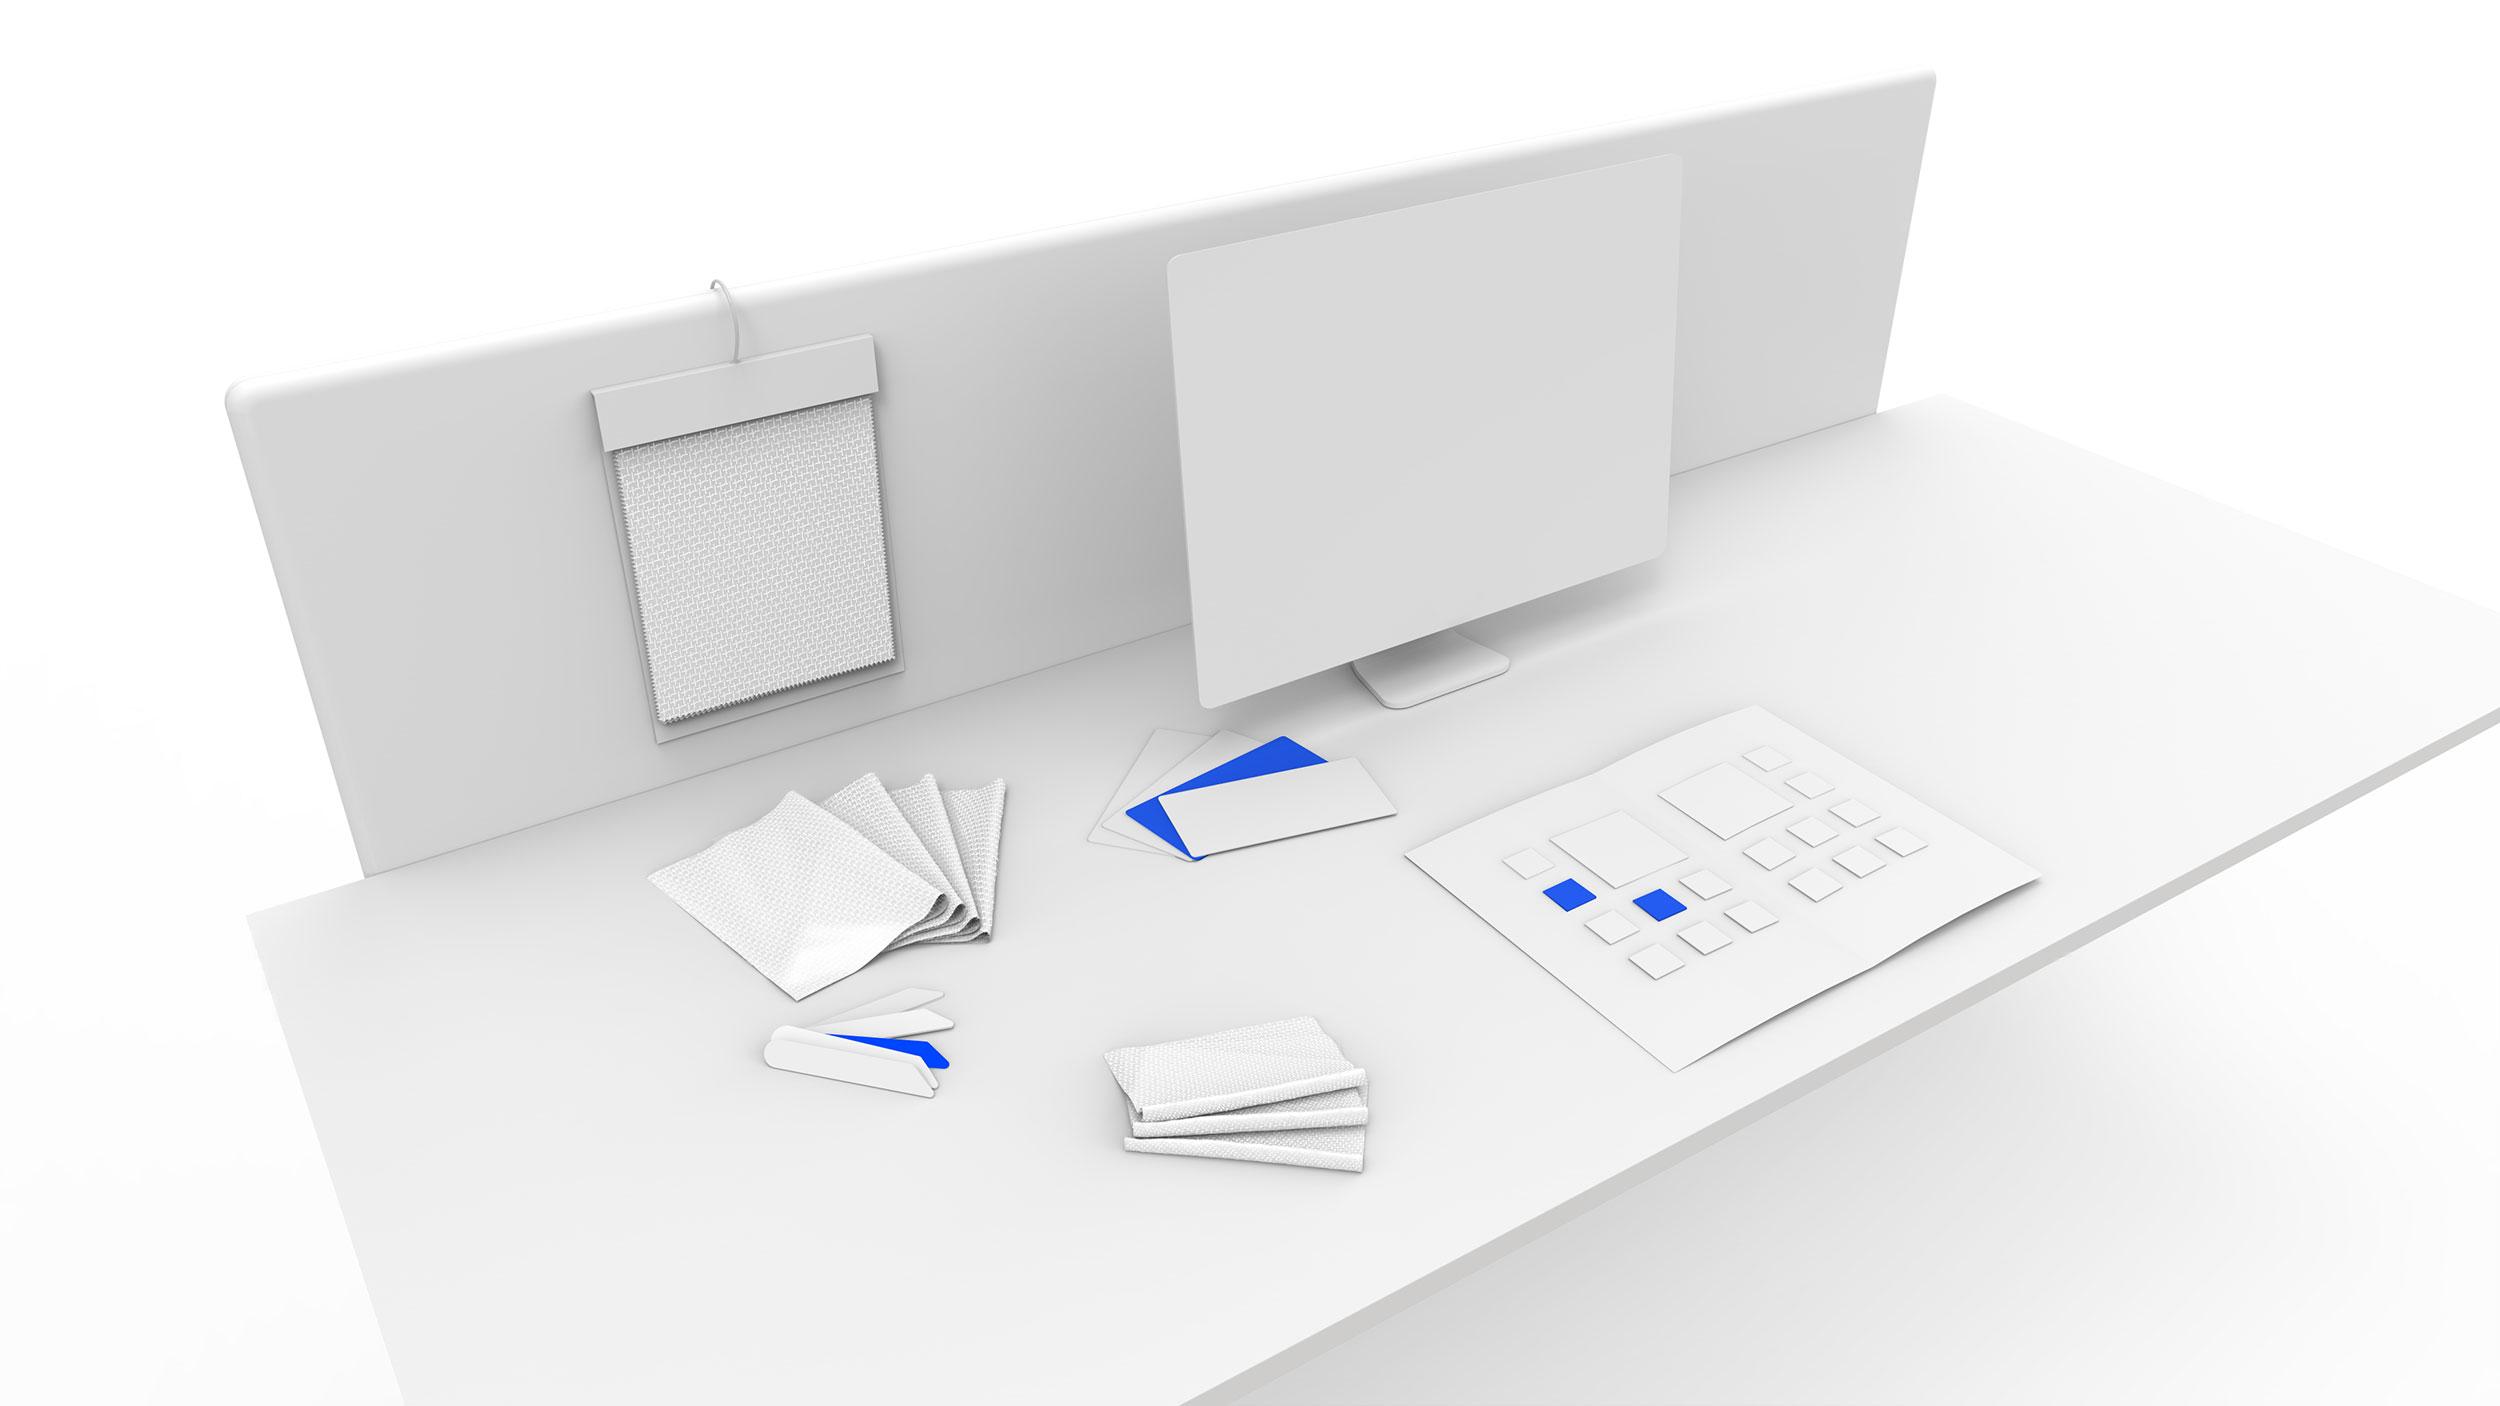 Modélisation 3D d'un espace de travail